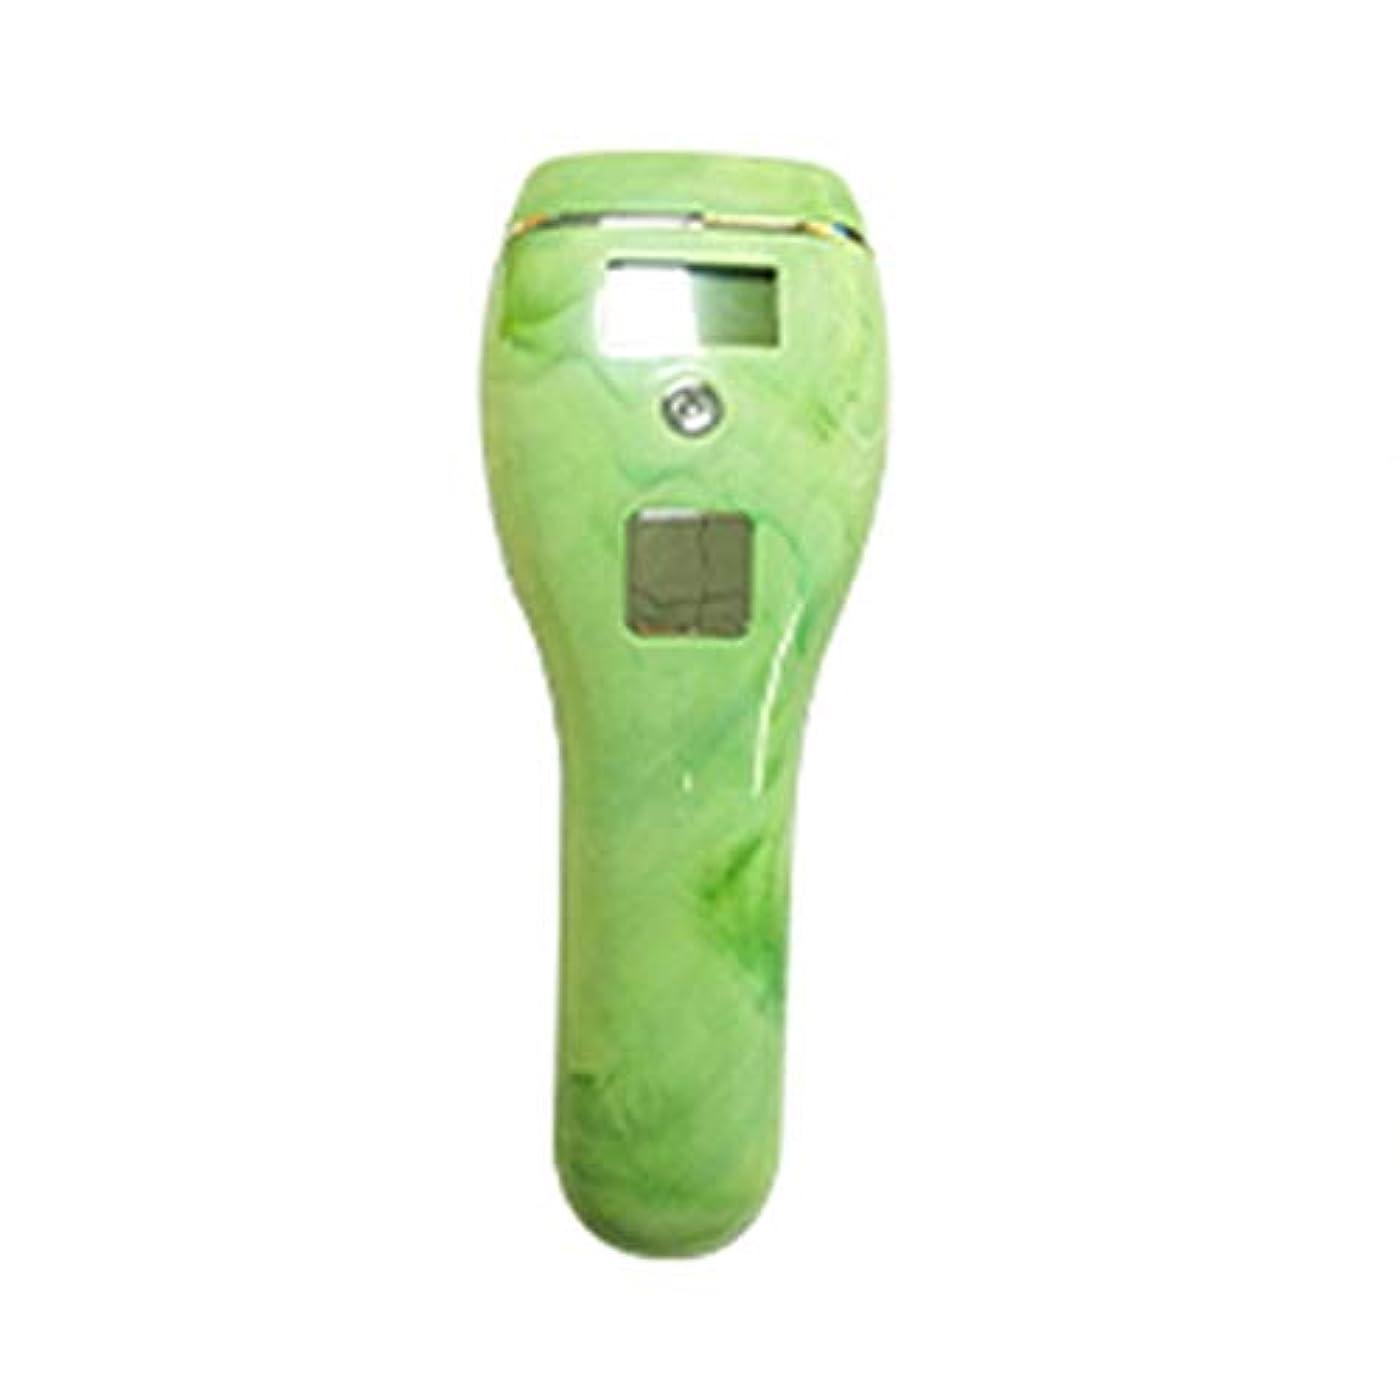 委員長カラス大邸宅Iku夫 自動肌のカラーセンシング、グリーン、5速調整、クォーツチューブ、携帯用痛みのない全身凍結乾燥用除湿器、サイズ19x7x5cm (Color : Green)